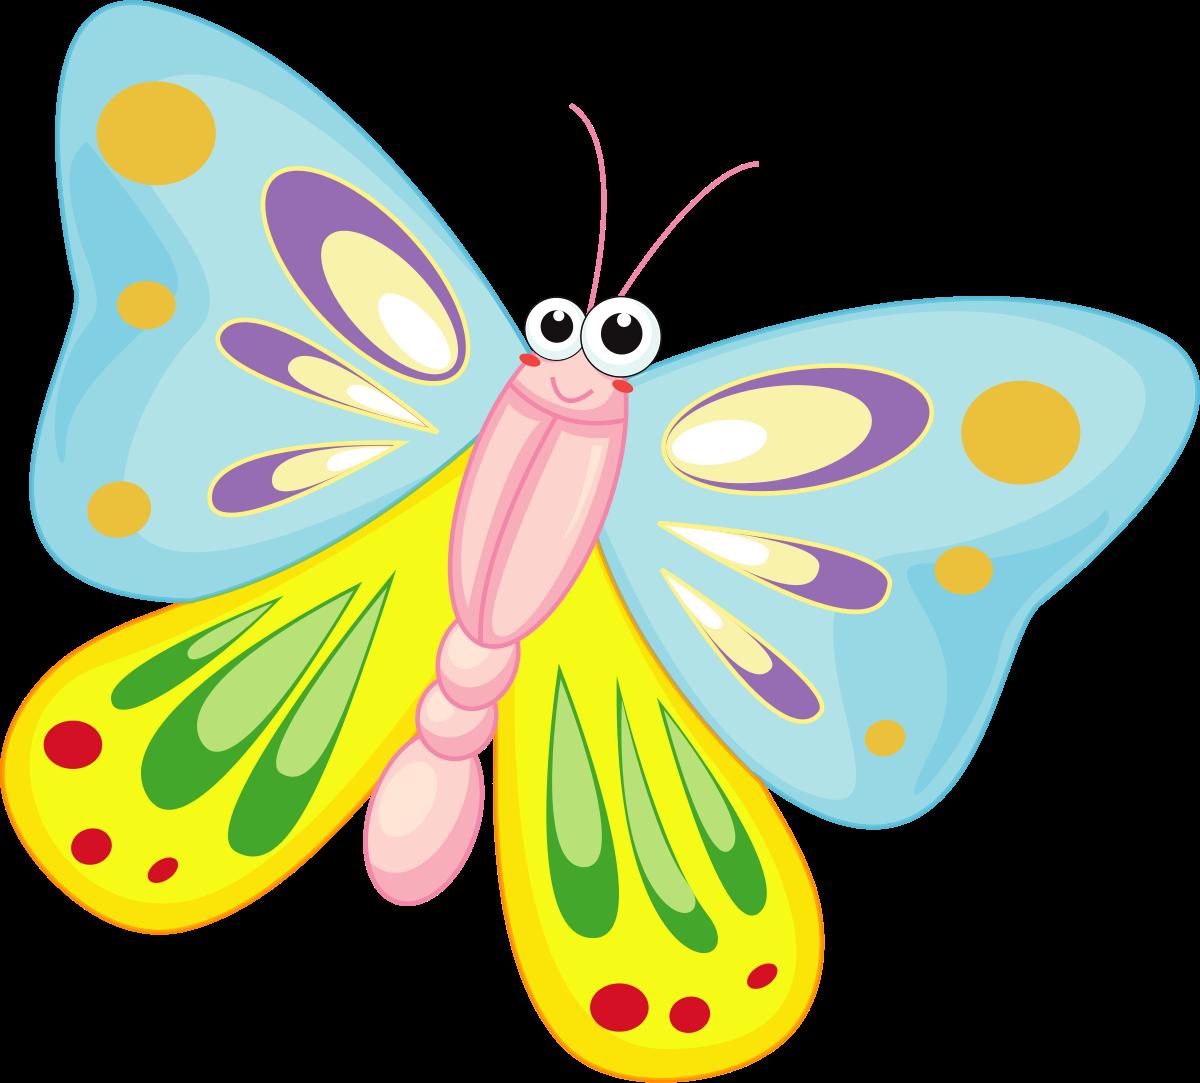 Butterflies clip art clipartall 3-Butterflies clip art clipartall 3-11